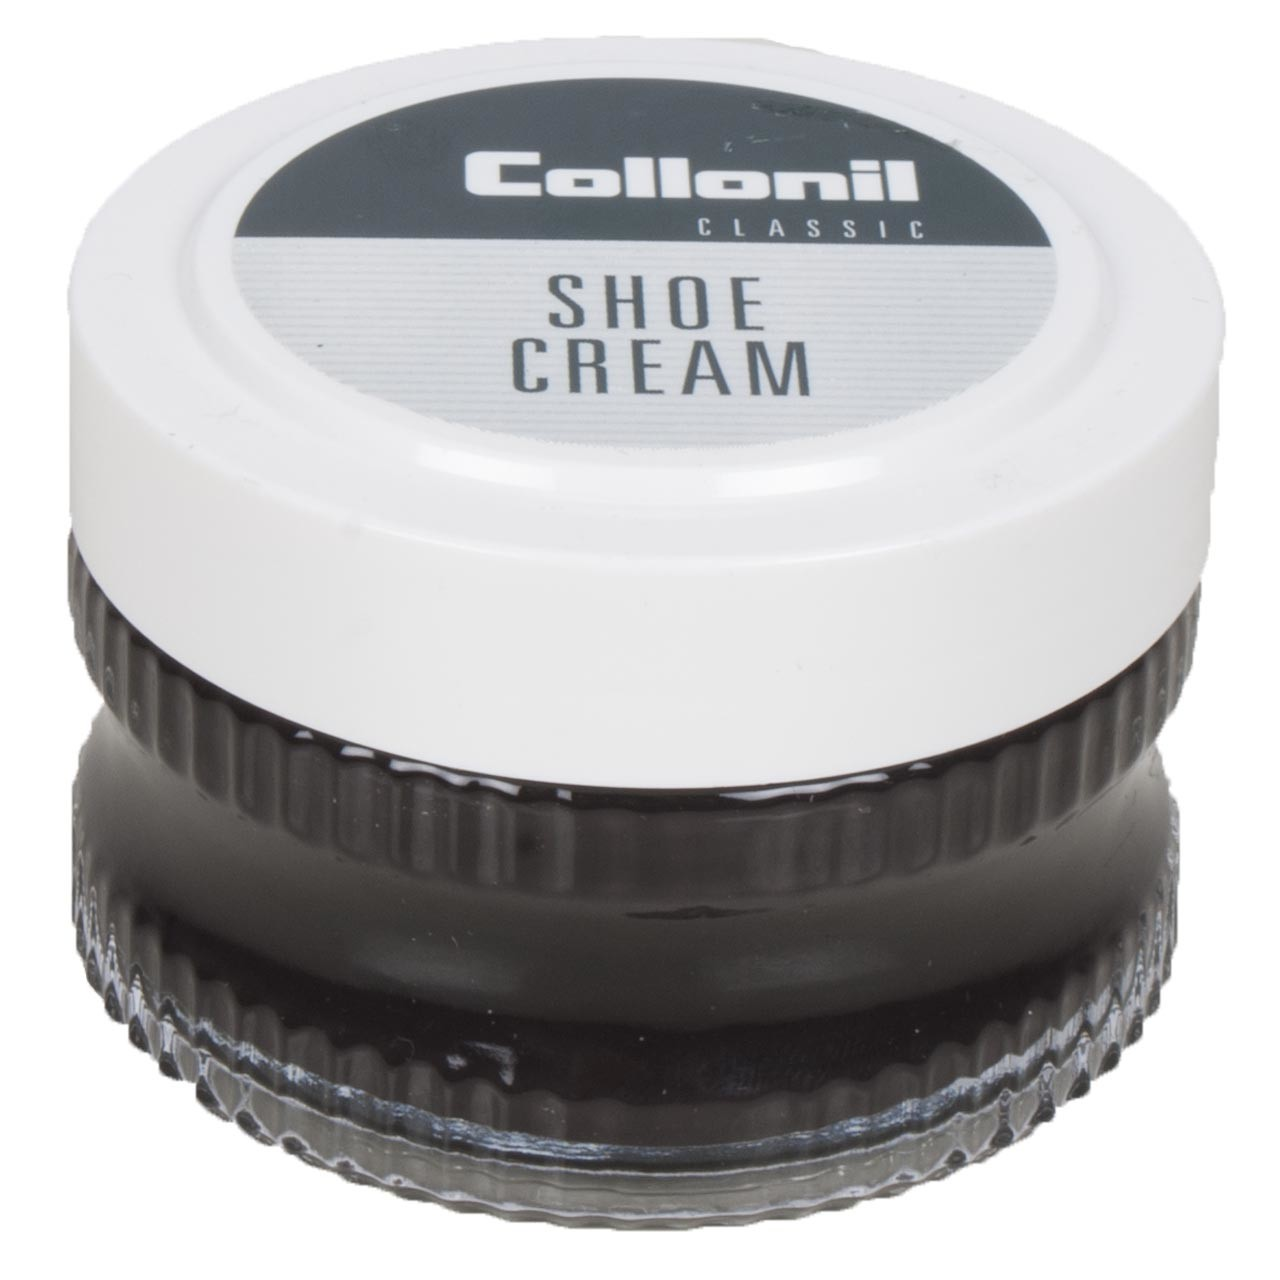 Collonil Shoe Cream